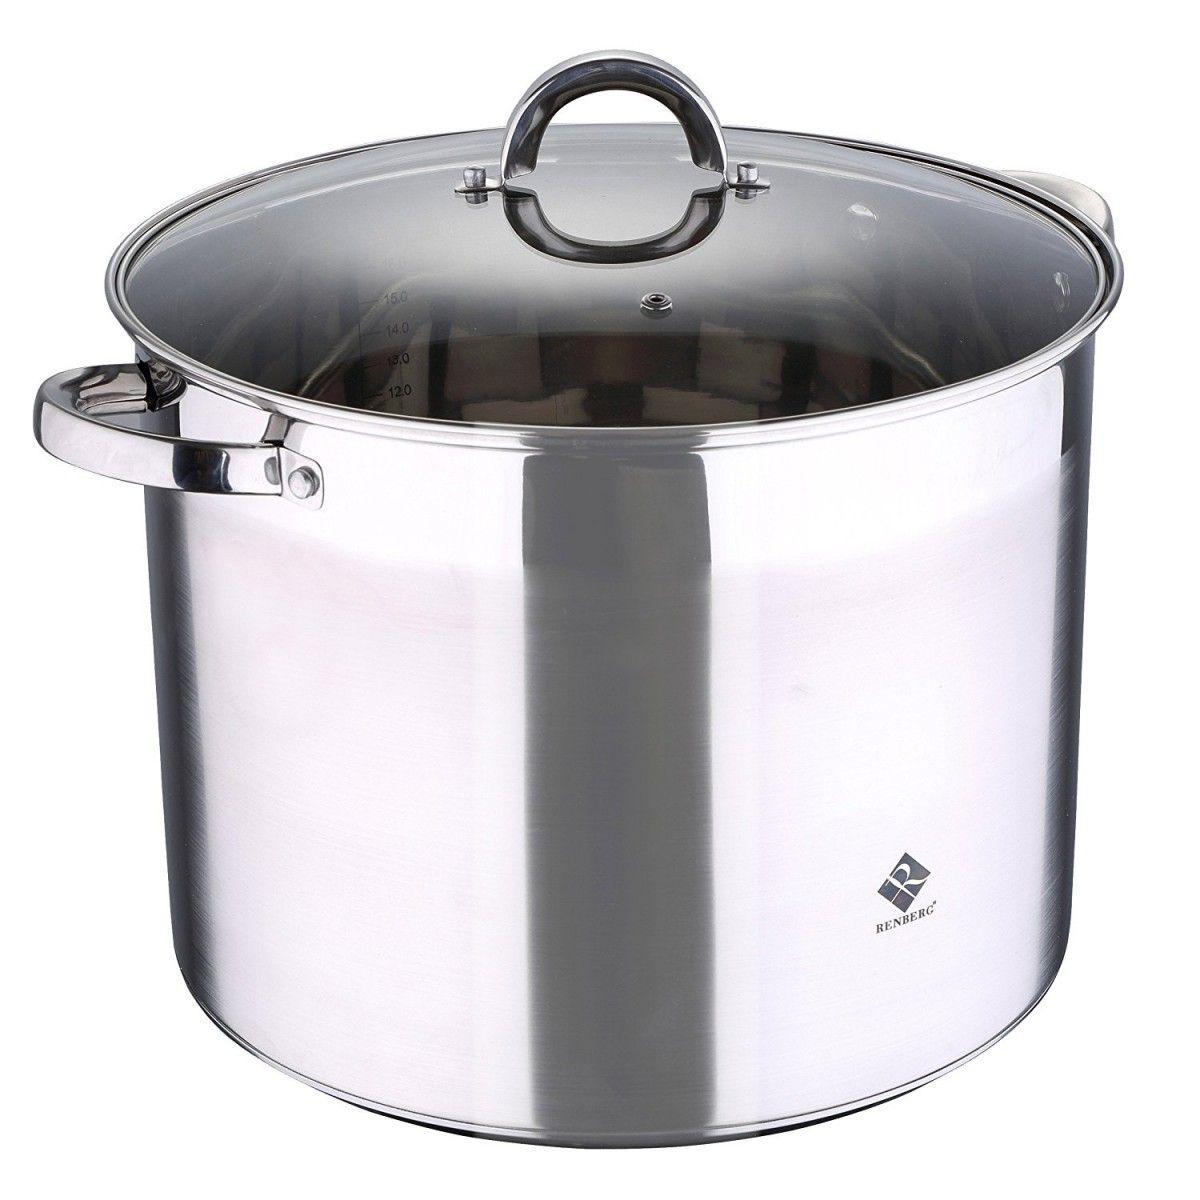 Großer Suppentopf (9l, 19 cm hoch) bei Top12 für 12,12 €